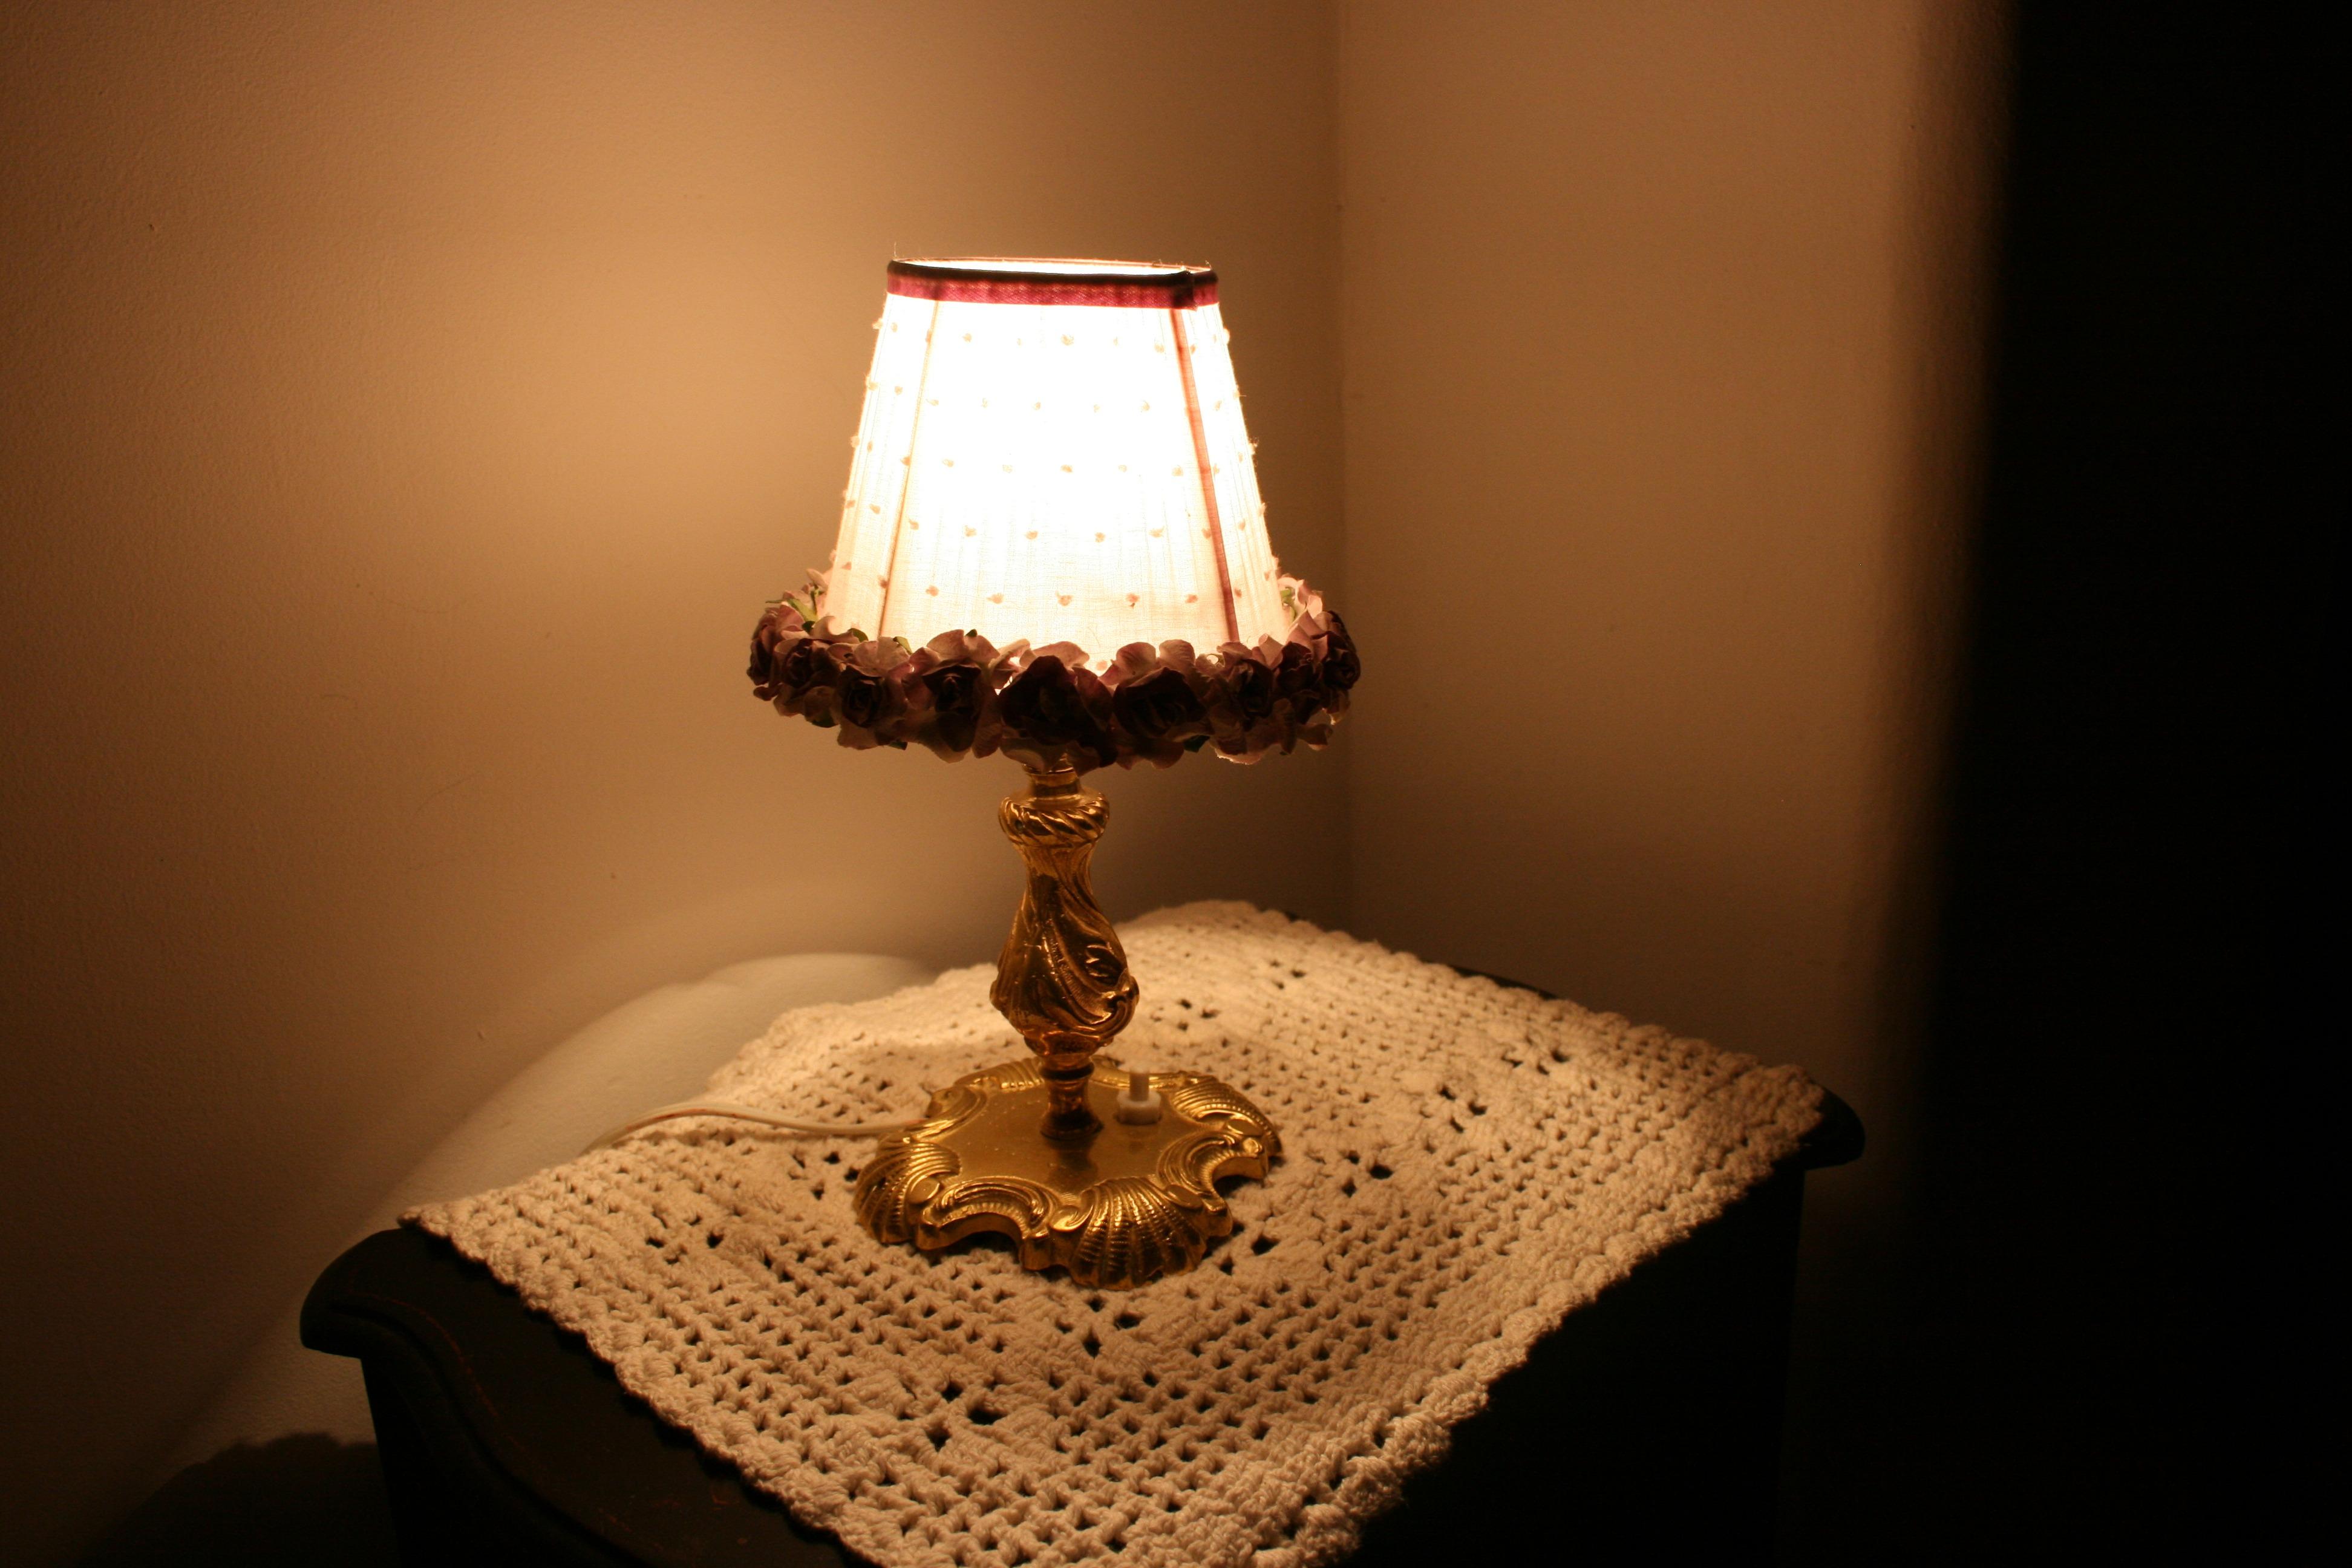 무료 이미지 빛 목재 유리 램프 갓 양초 스탠드 미술 디자인 전등 조명 액세서리